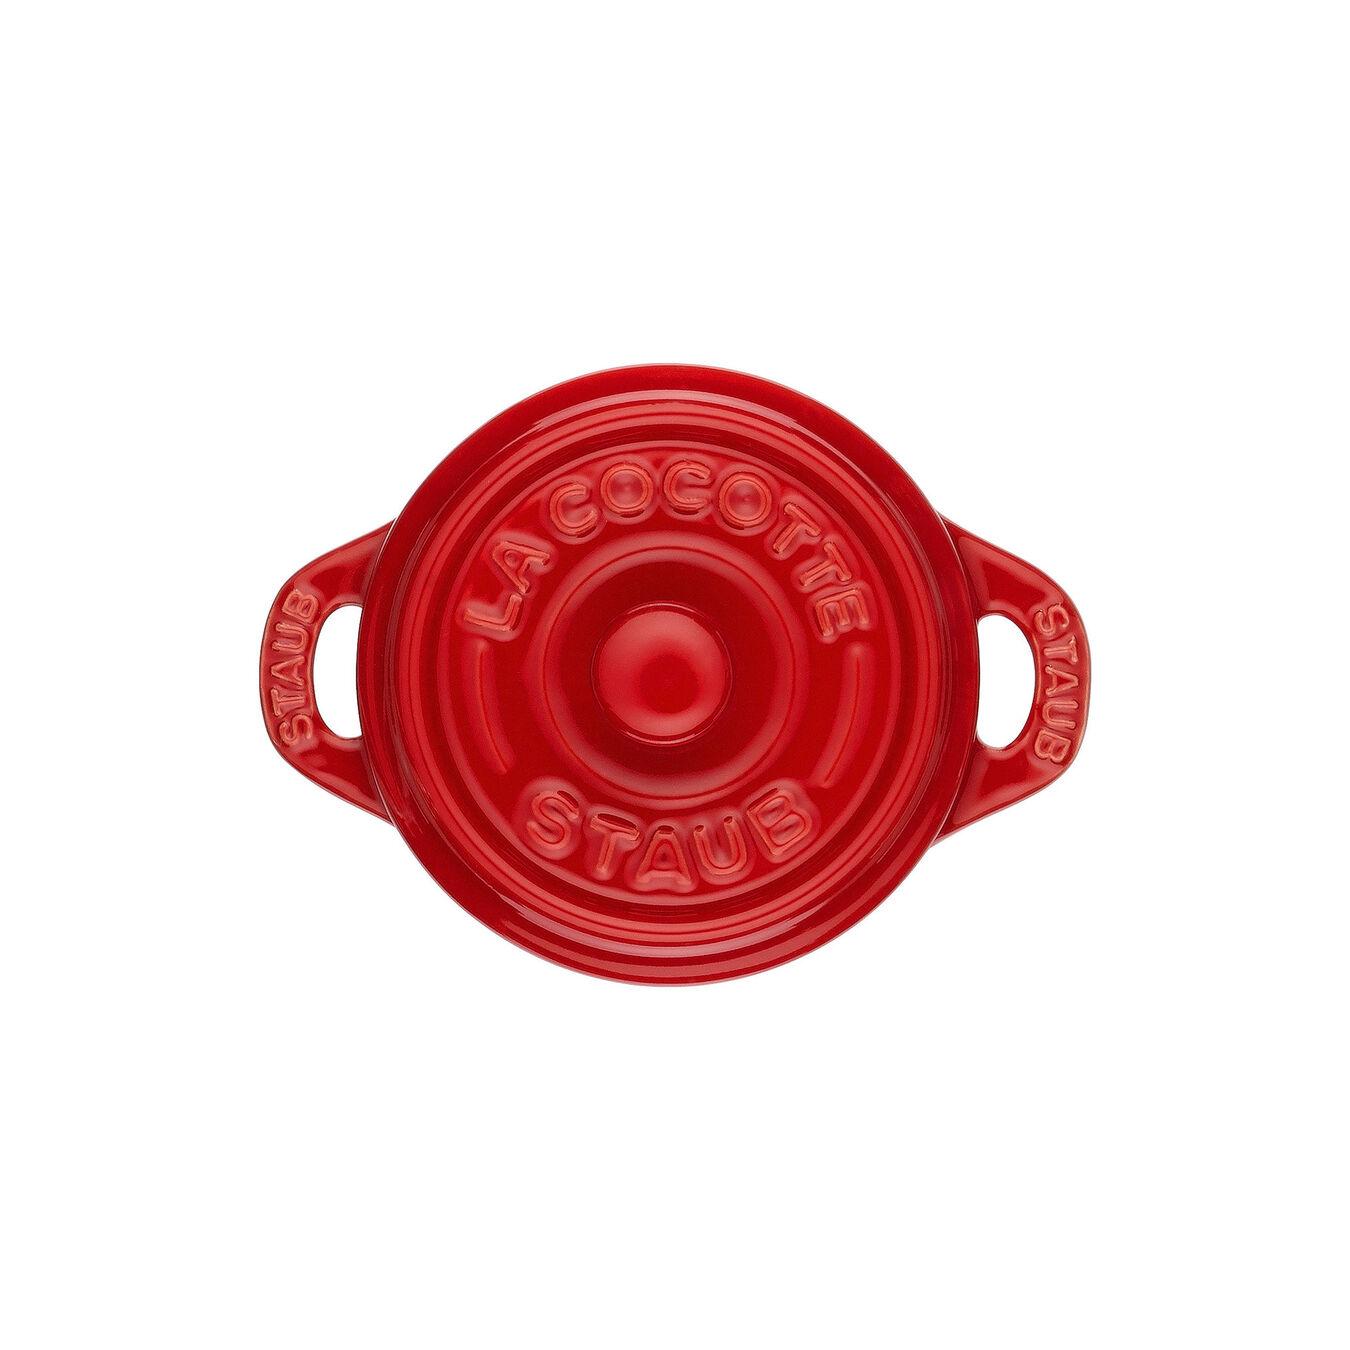 Mini seramik kap, 10 cm | Kiraz | Yuvarlak | Seramik,,large 3